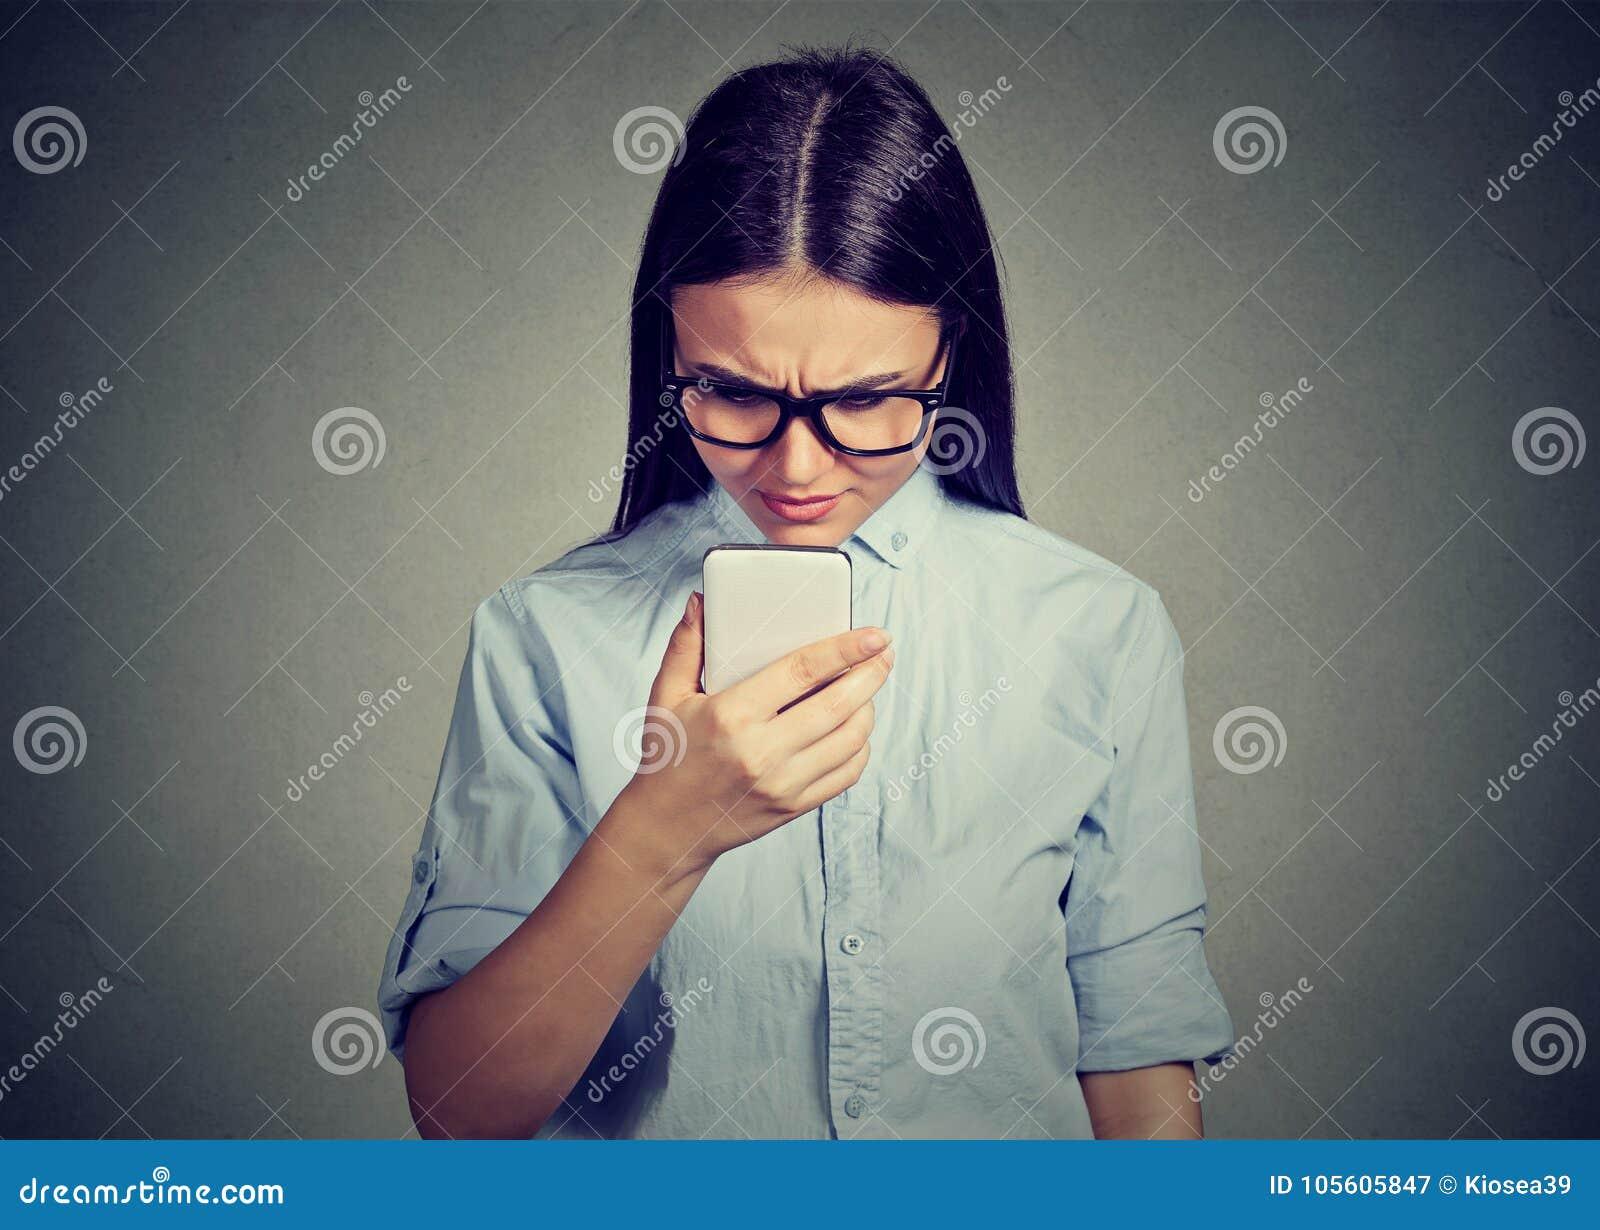 Porträt des Unterhaltungsc$simsens der traurigen ernsten Frau des Umkippens an einem Telefon missfiel mit Gespräch